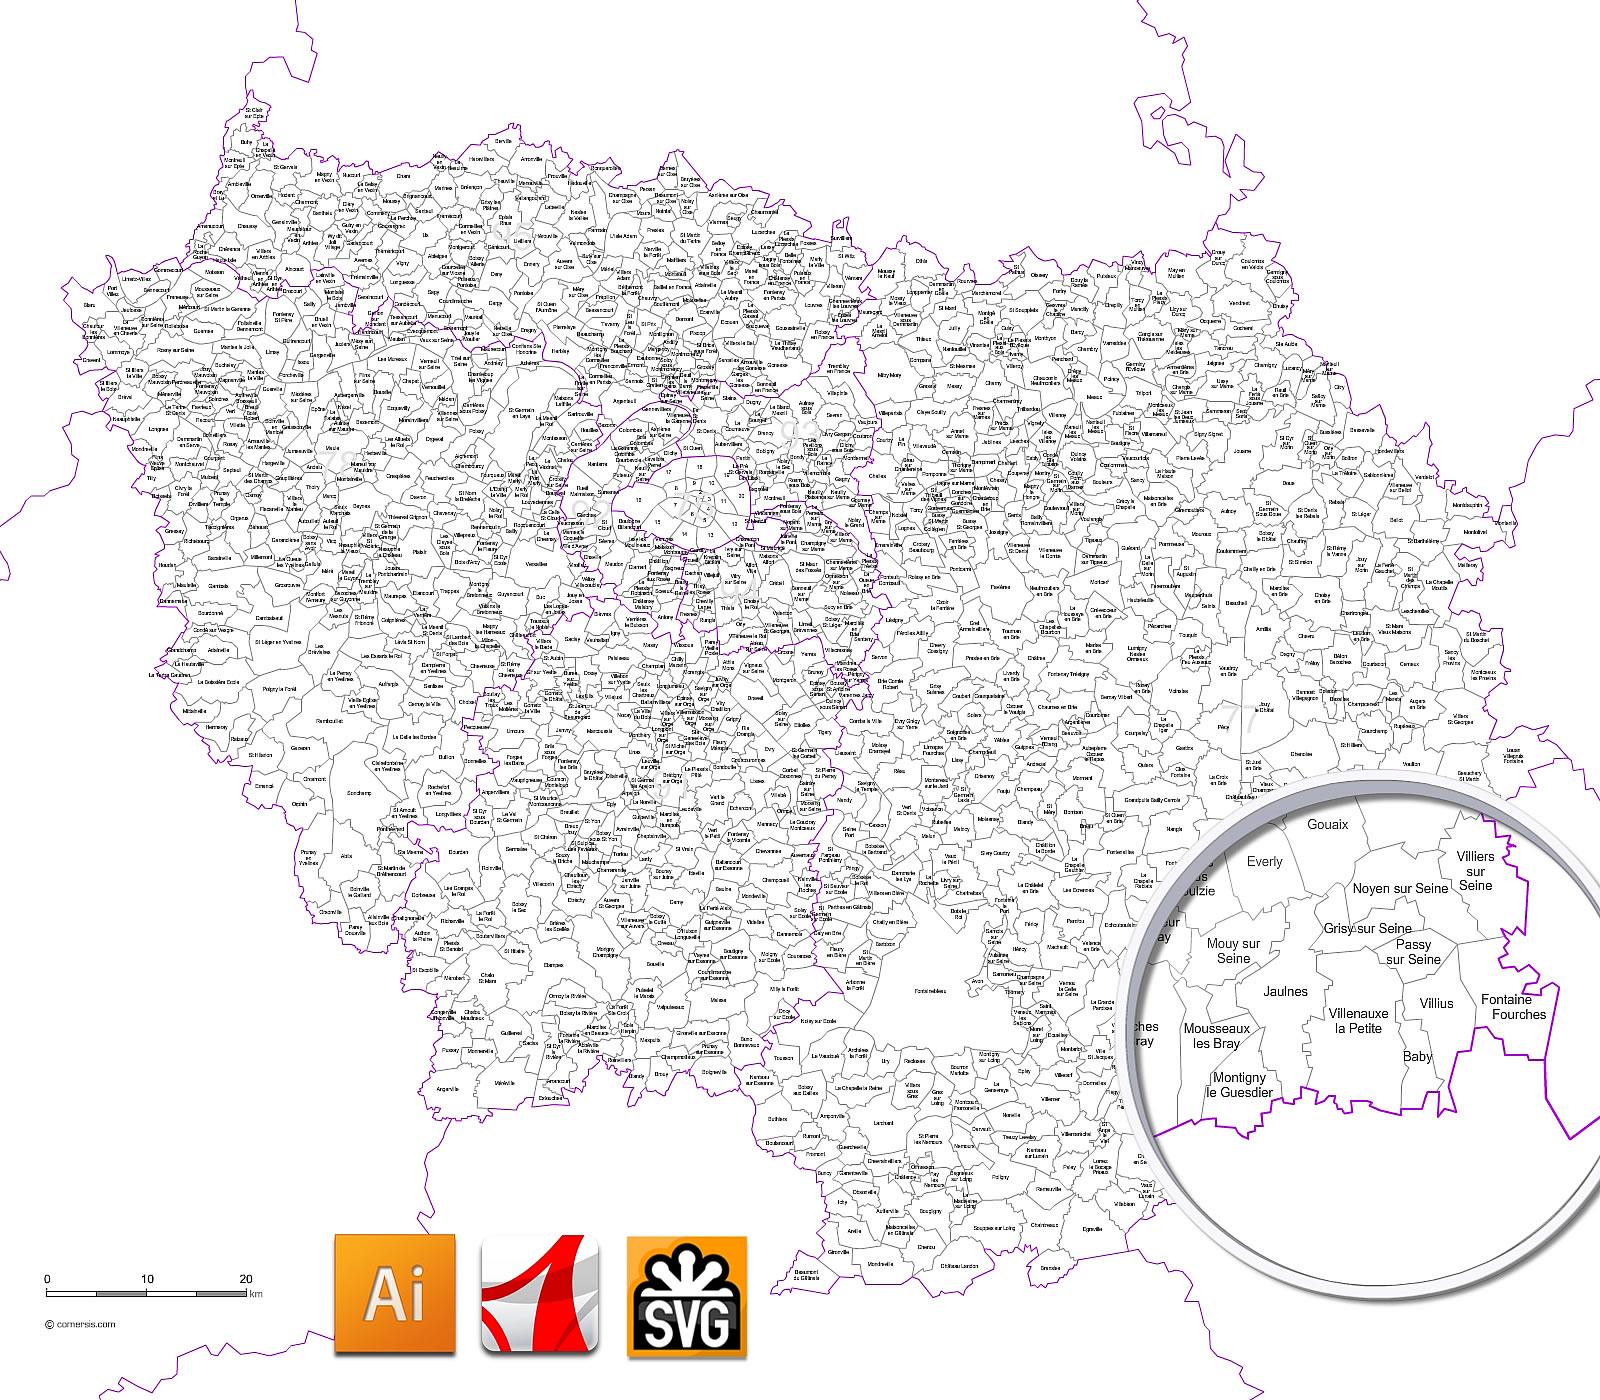 carte communes ile de france Index of /c images/FR